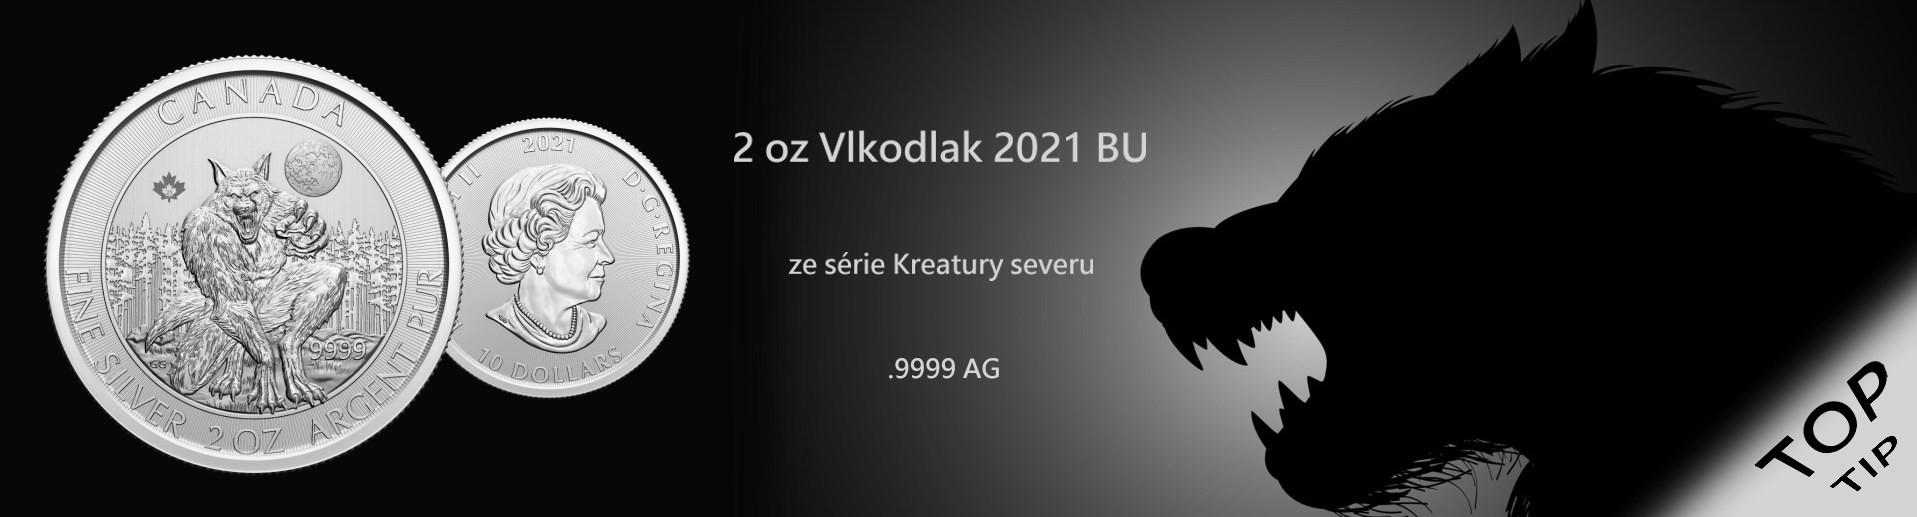 2ou-werewolf-2021-bu